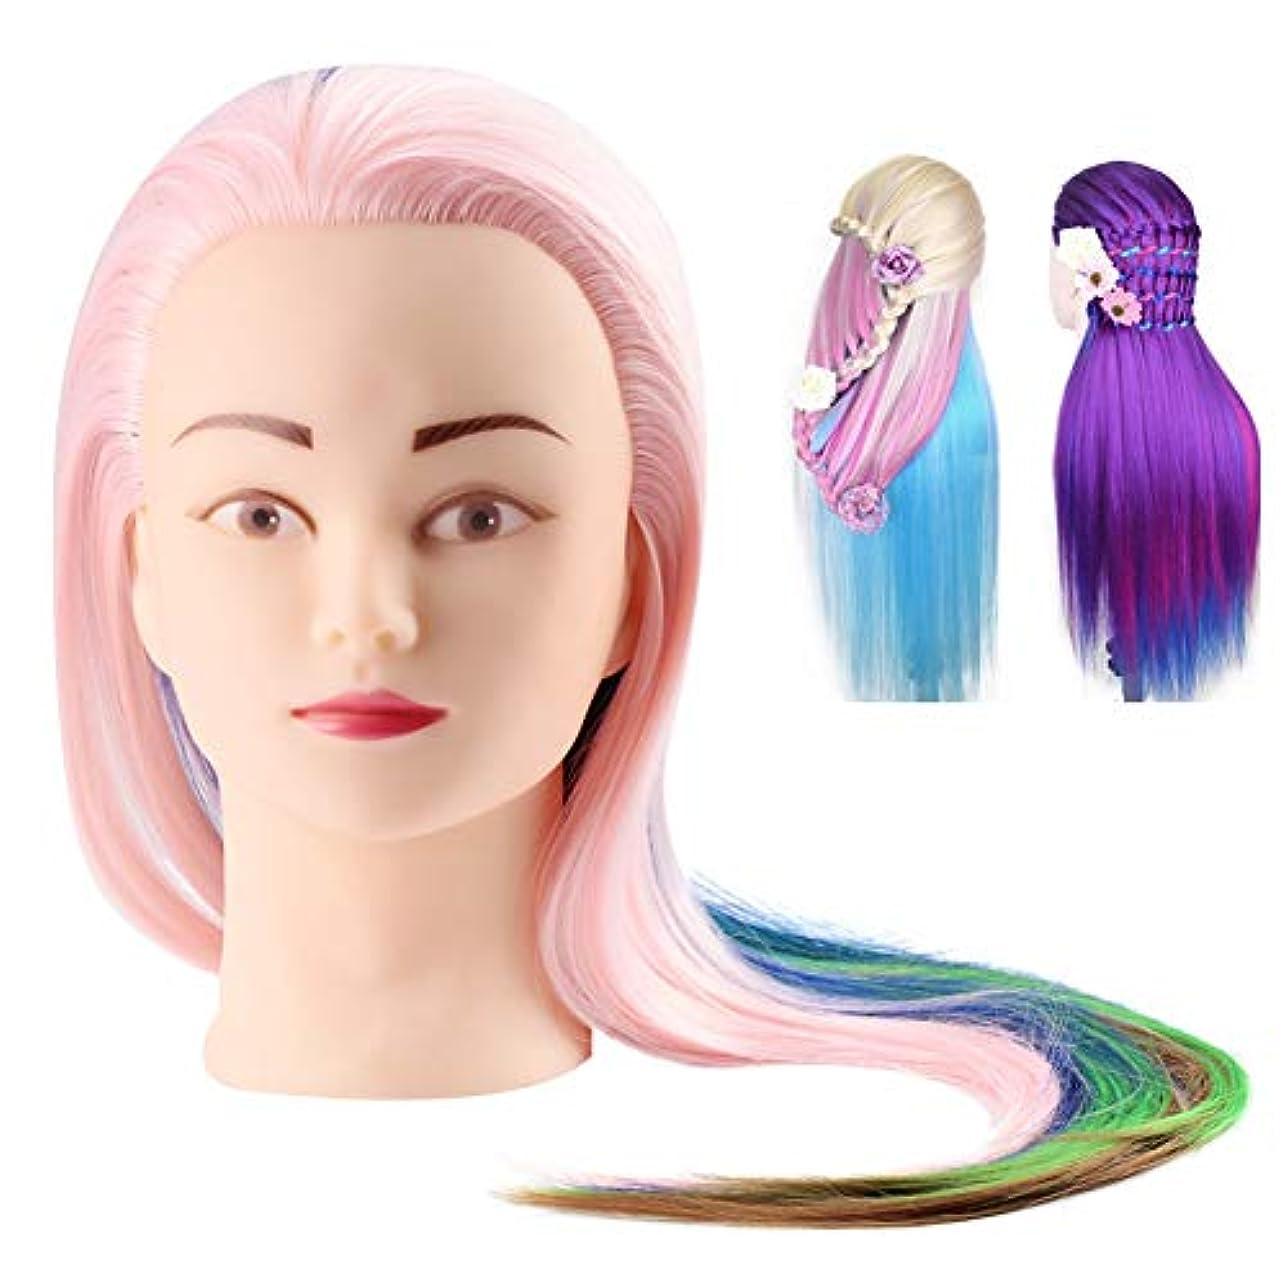 ふけるしなやか段階プロの理髪ヘッド、化粧品実用的なマネキン人形人工毛、人工毛理髪トレーニングヘッドエクササイズマネキン